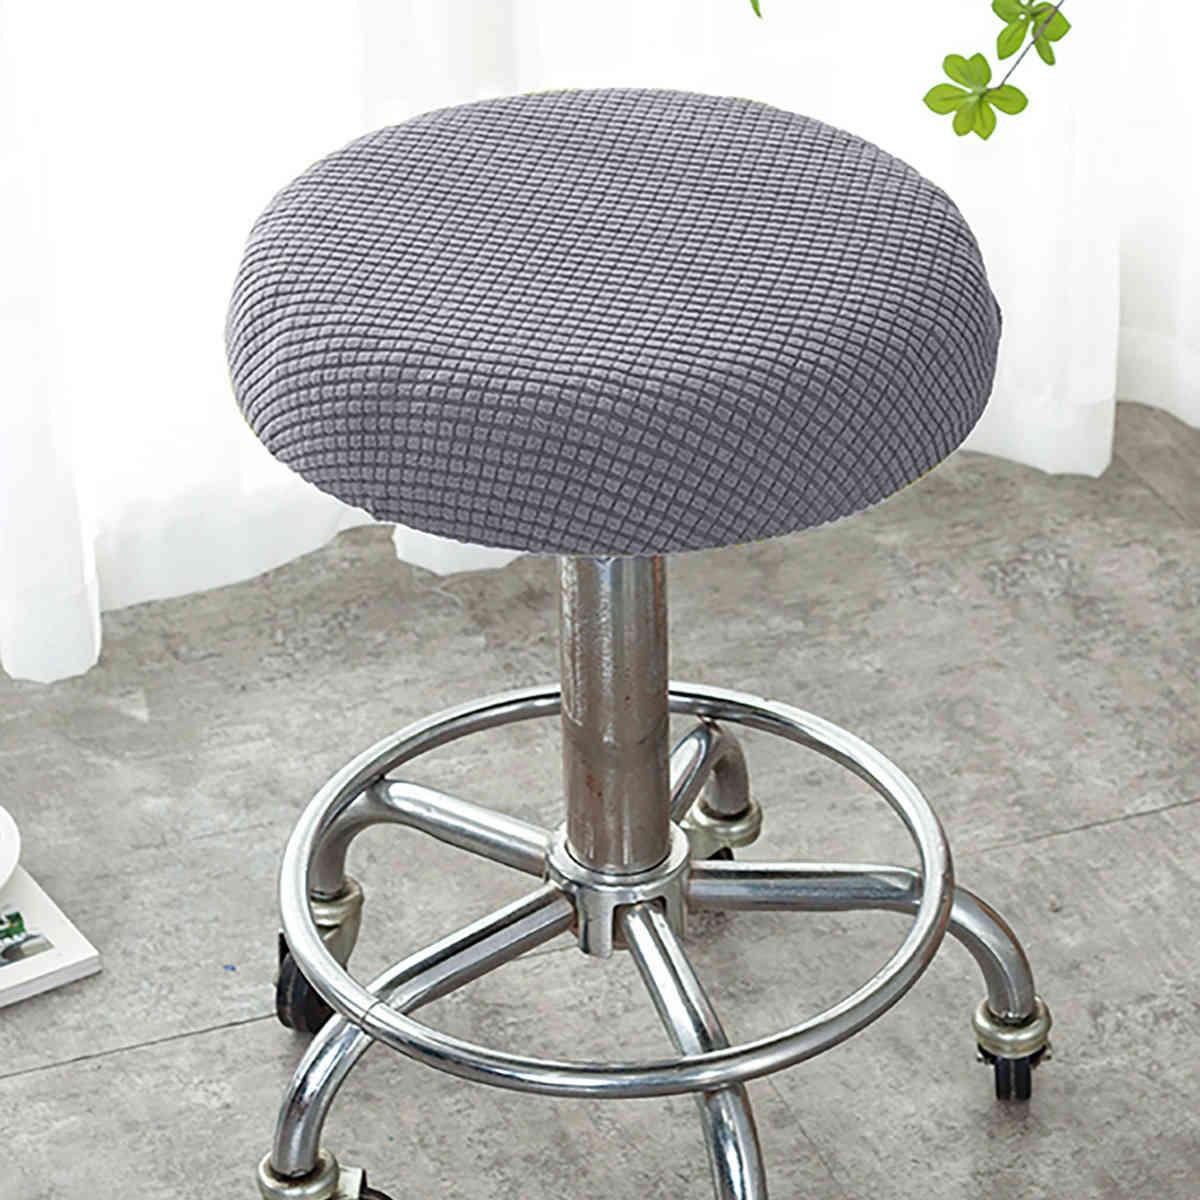 양털 라운드 스툴 커버 간단한 레스토랑 주방 가정 의자 다시 커버 보편적 인